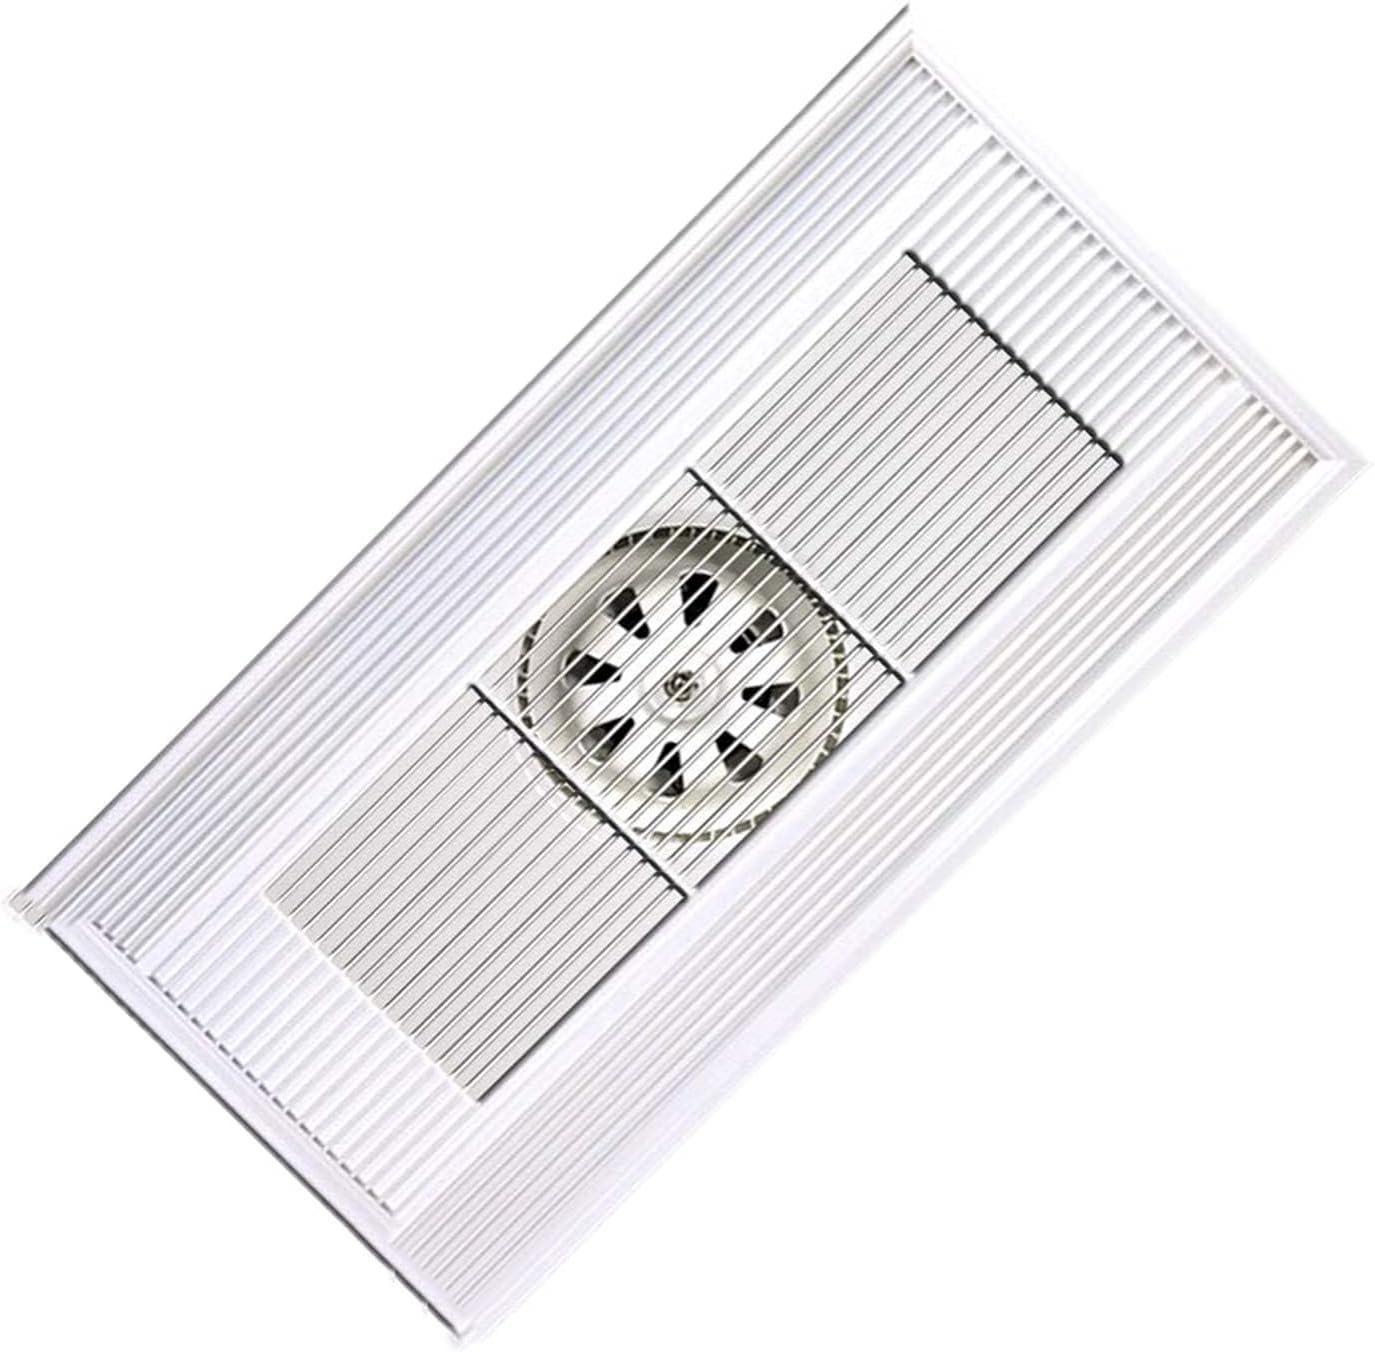 Ventilador extractor Ventilador integrado de ventilación de techo 30 × 6 0CM Ventilador de escape de alta potencia para la cocina Baño rectangular potente aleación de aluminio ventilador ventilador, 6